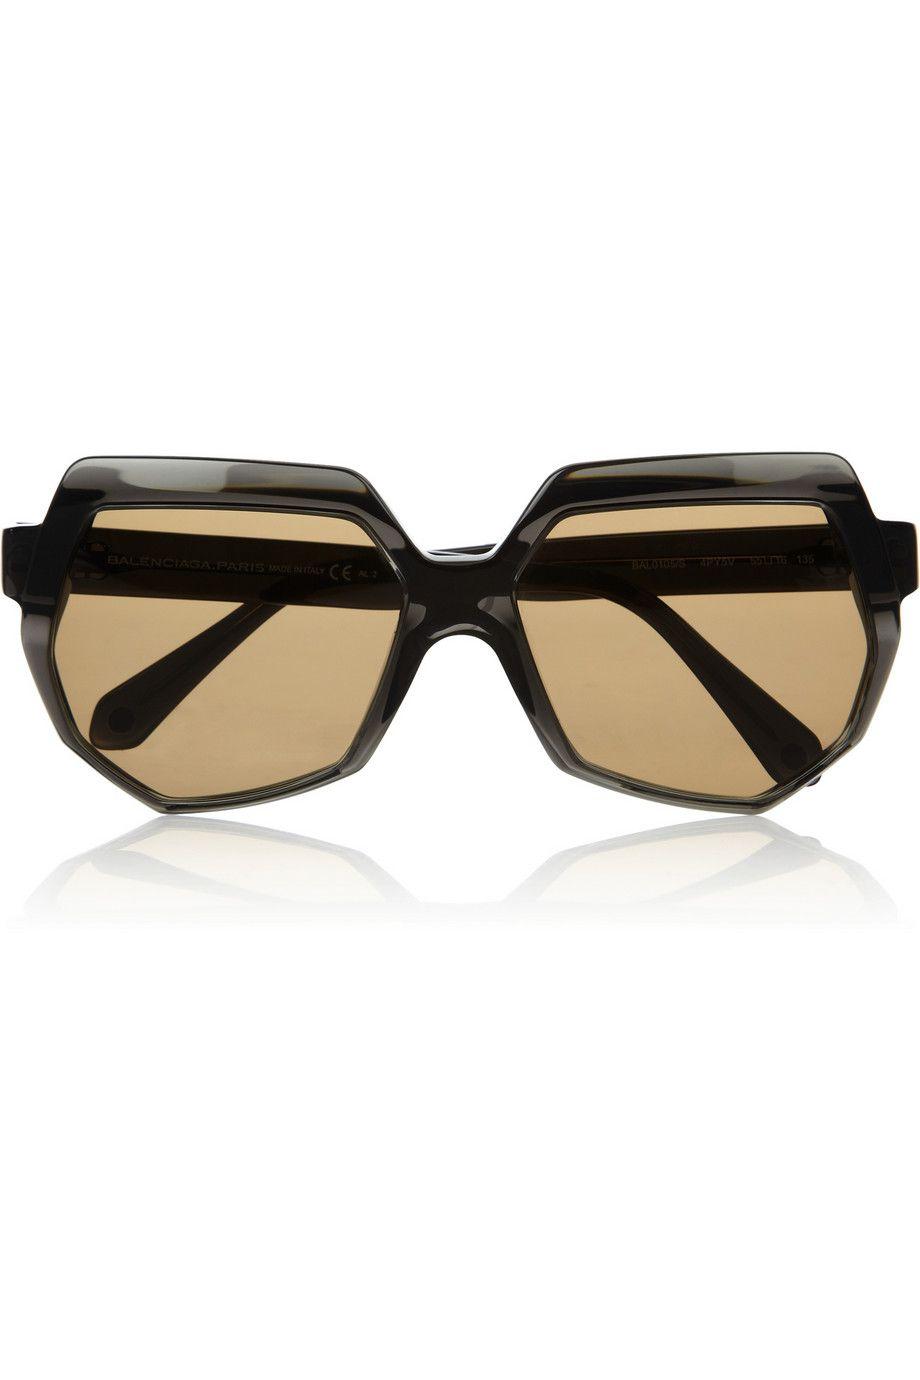 9f5664a6e7615 Balenciaga Square-frame acetate sunglasses - 65% Off Now at THE OUTNET  Venda De